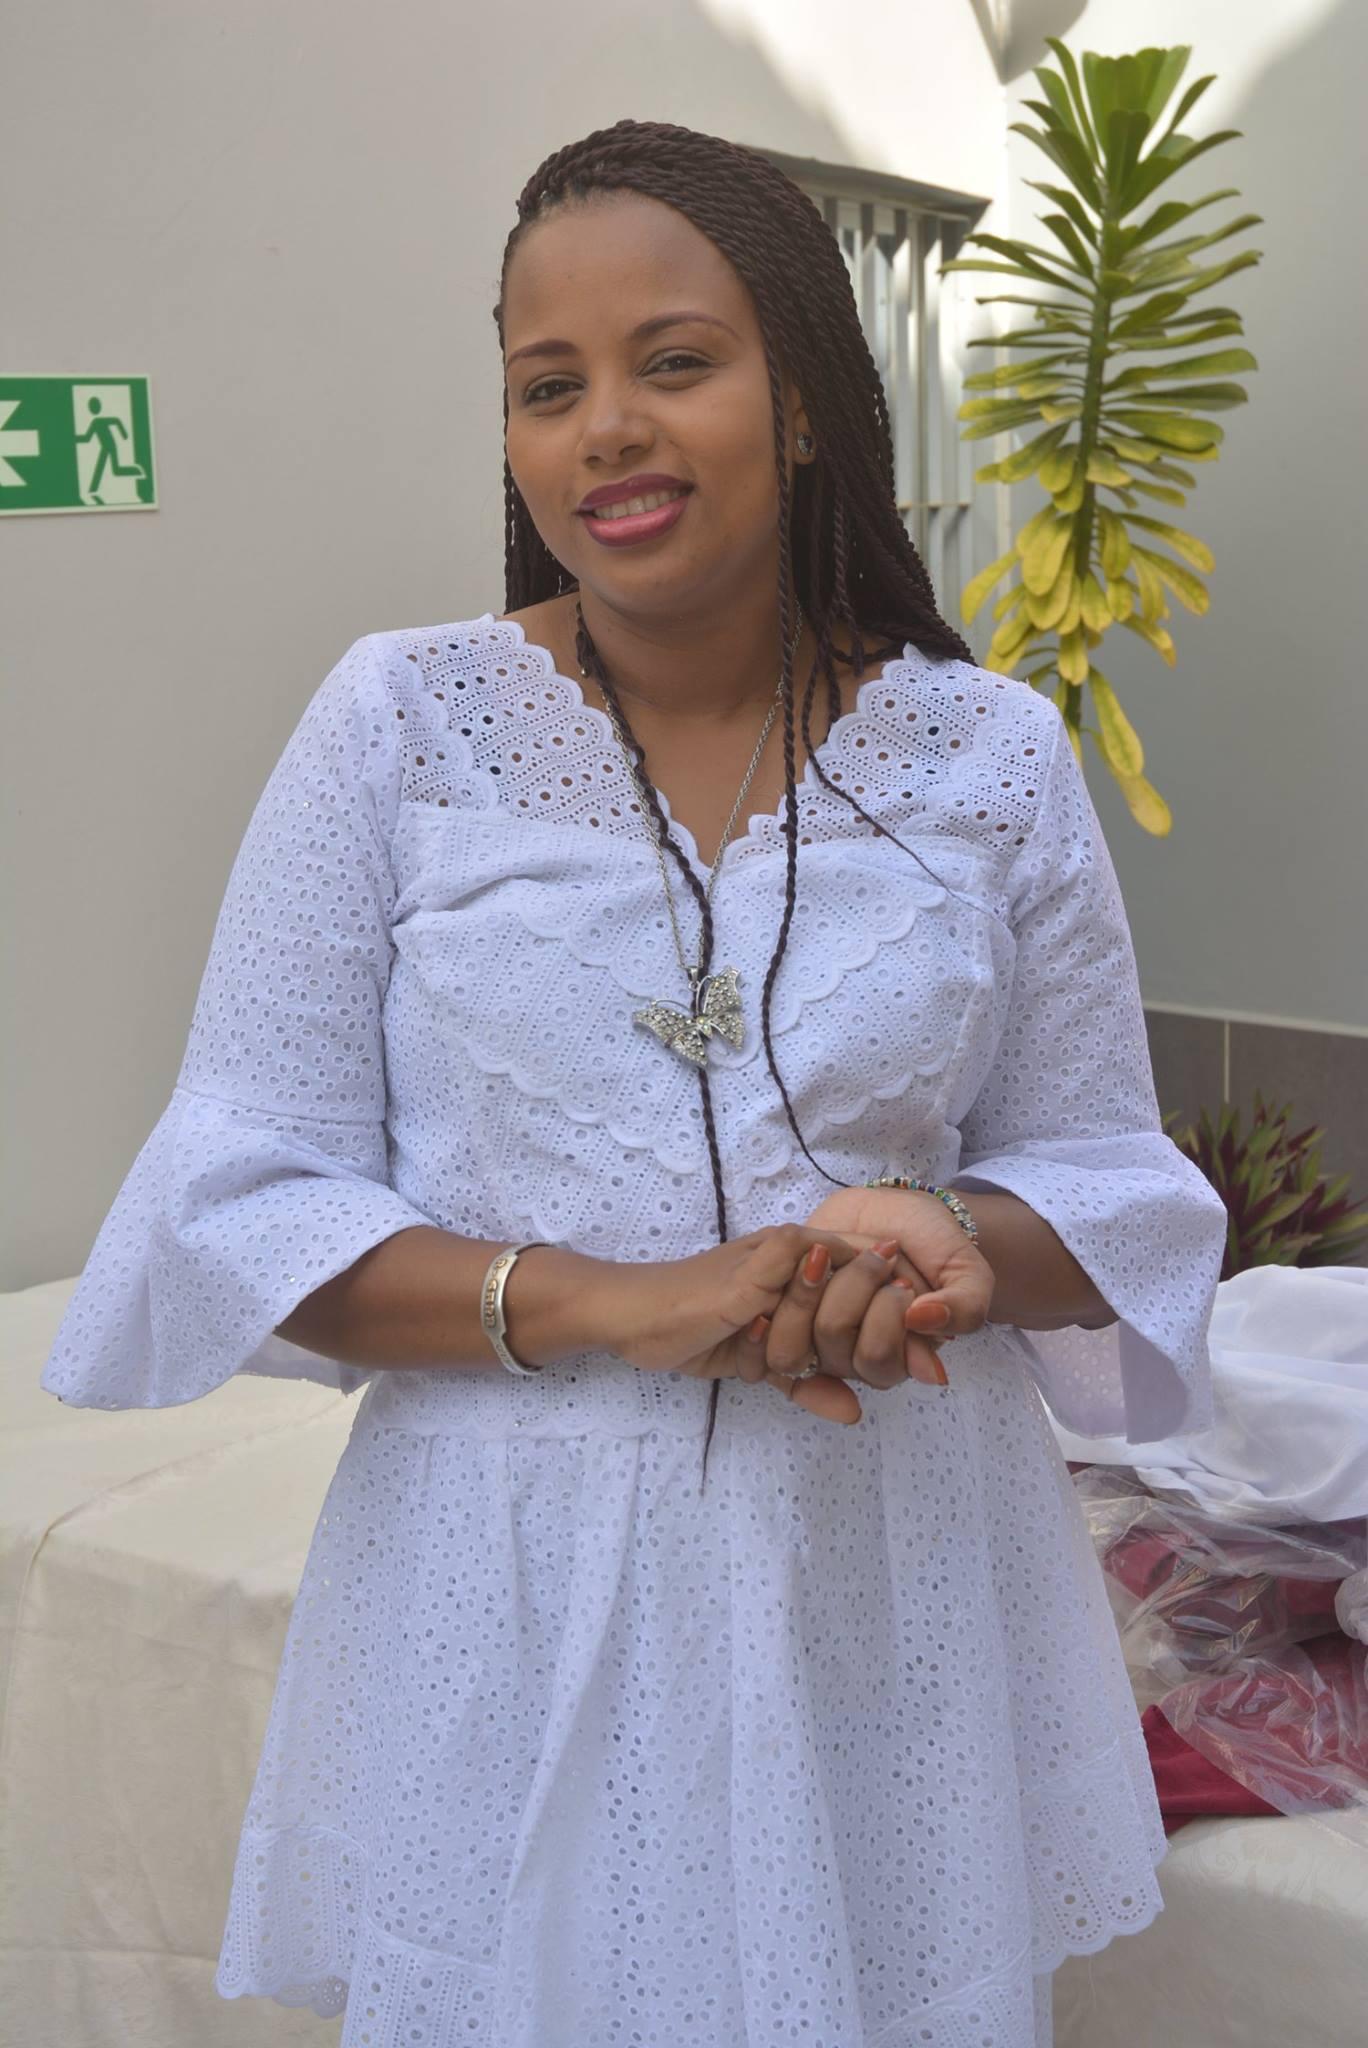 Images: La fête du Travail célébrée par le GFM dans les locaux de la TFM